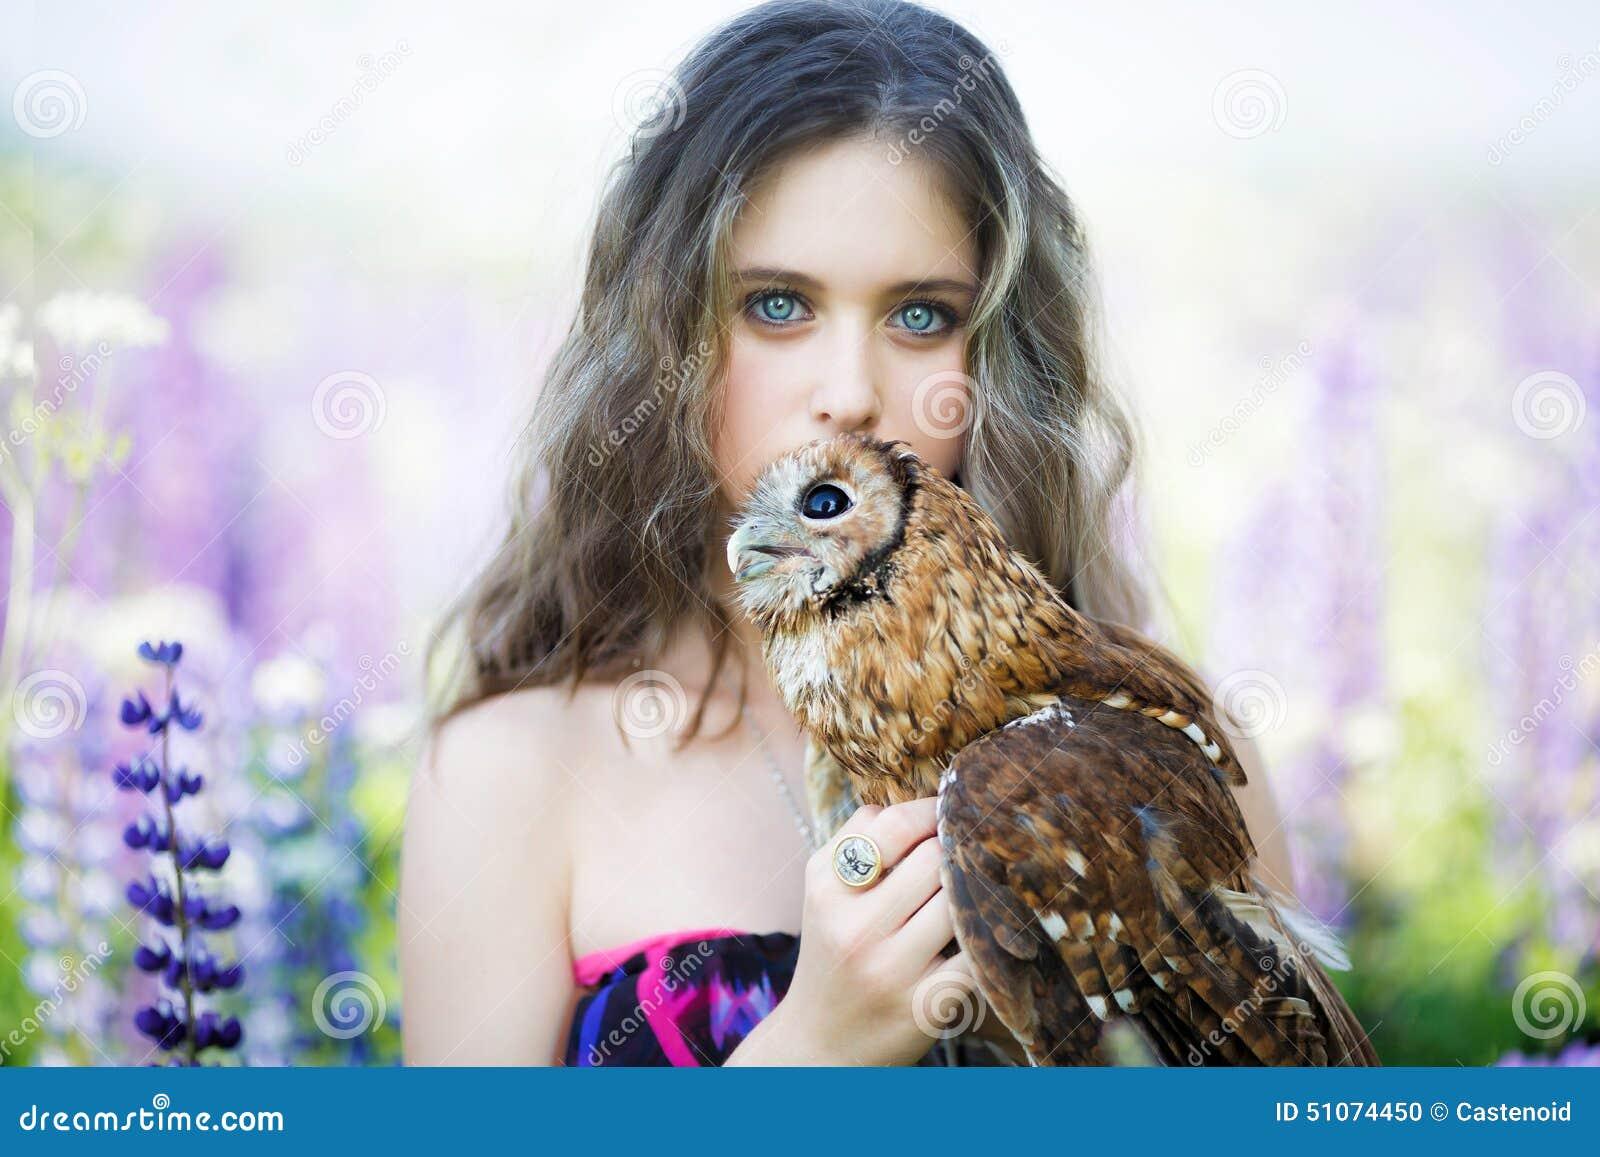 Фото девушек с совами